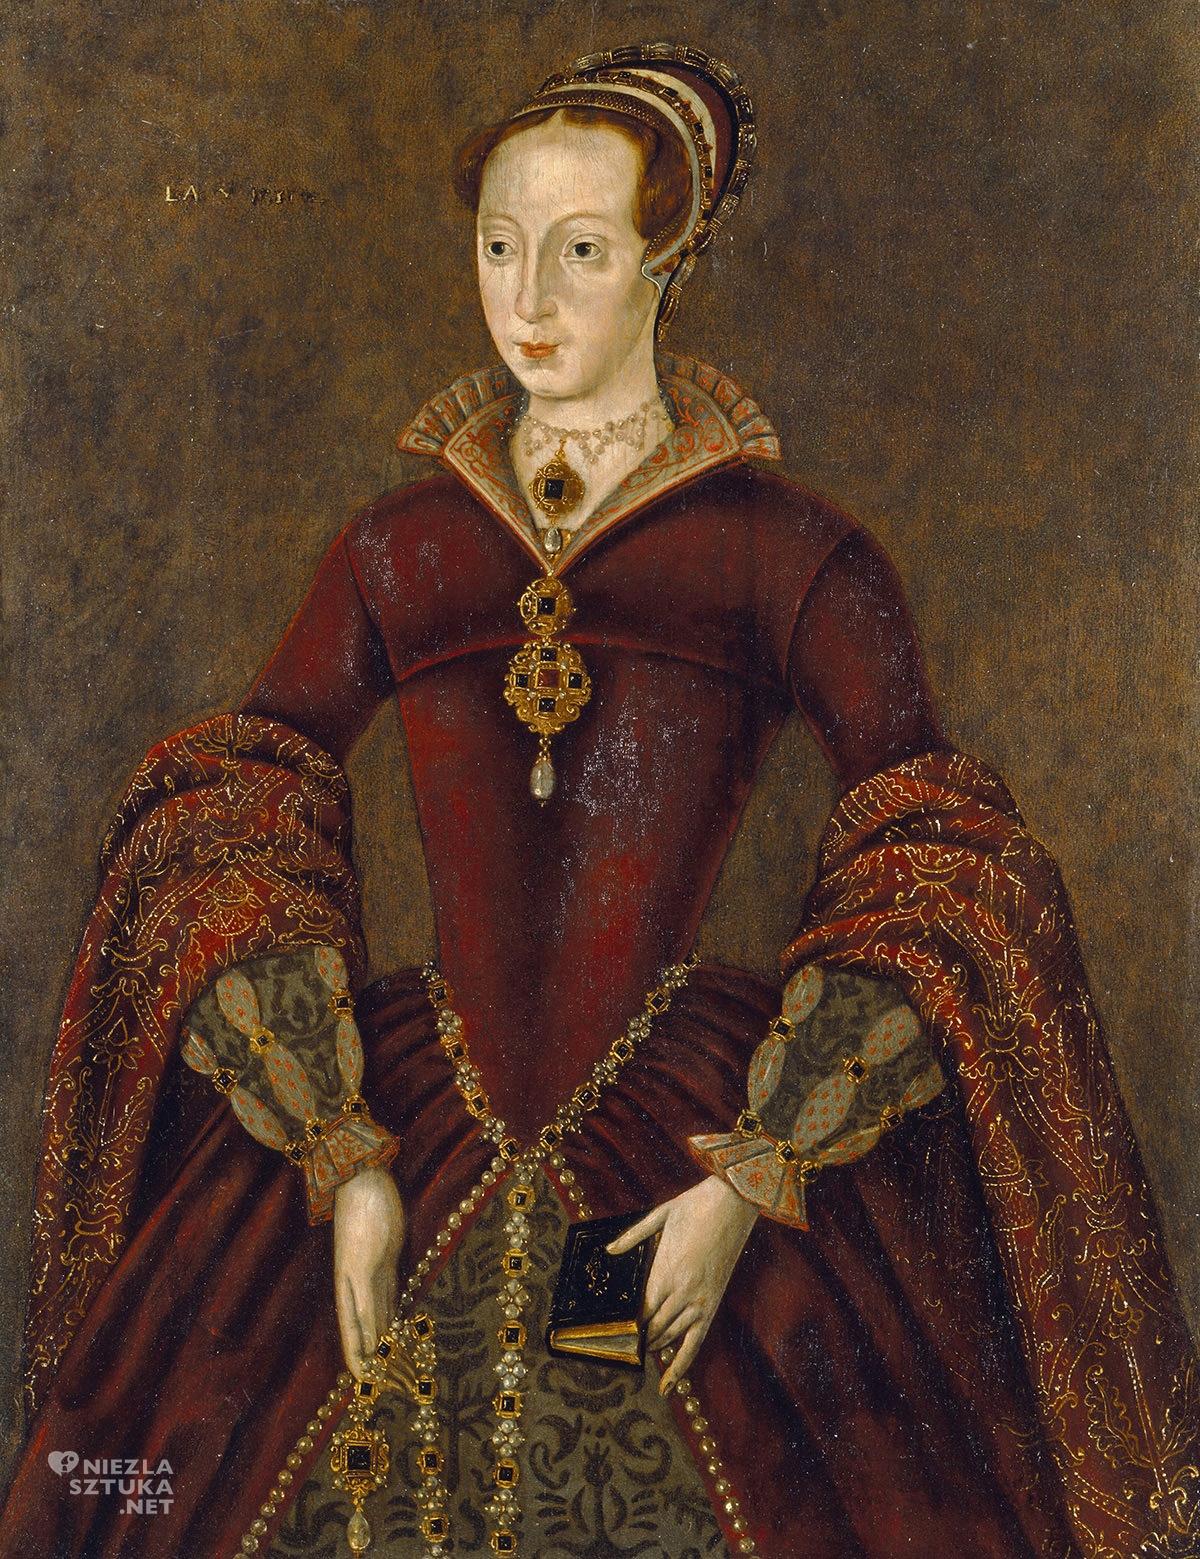 Lady Jane Grey, portret, Anglia, Niezła Sztuka